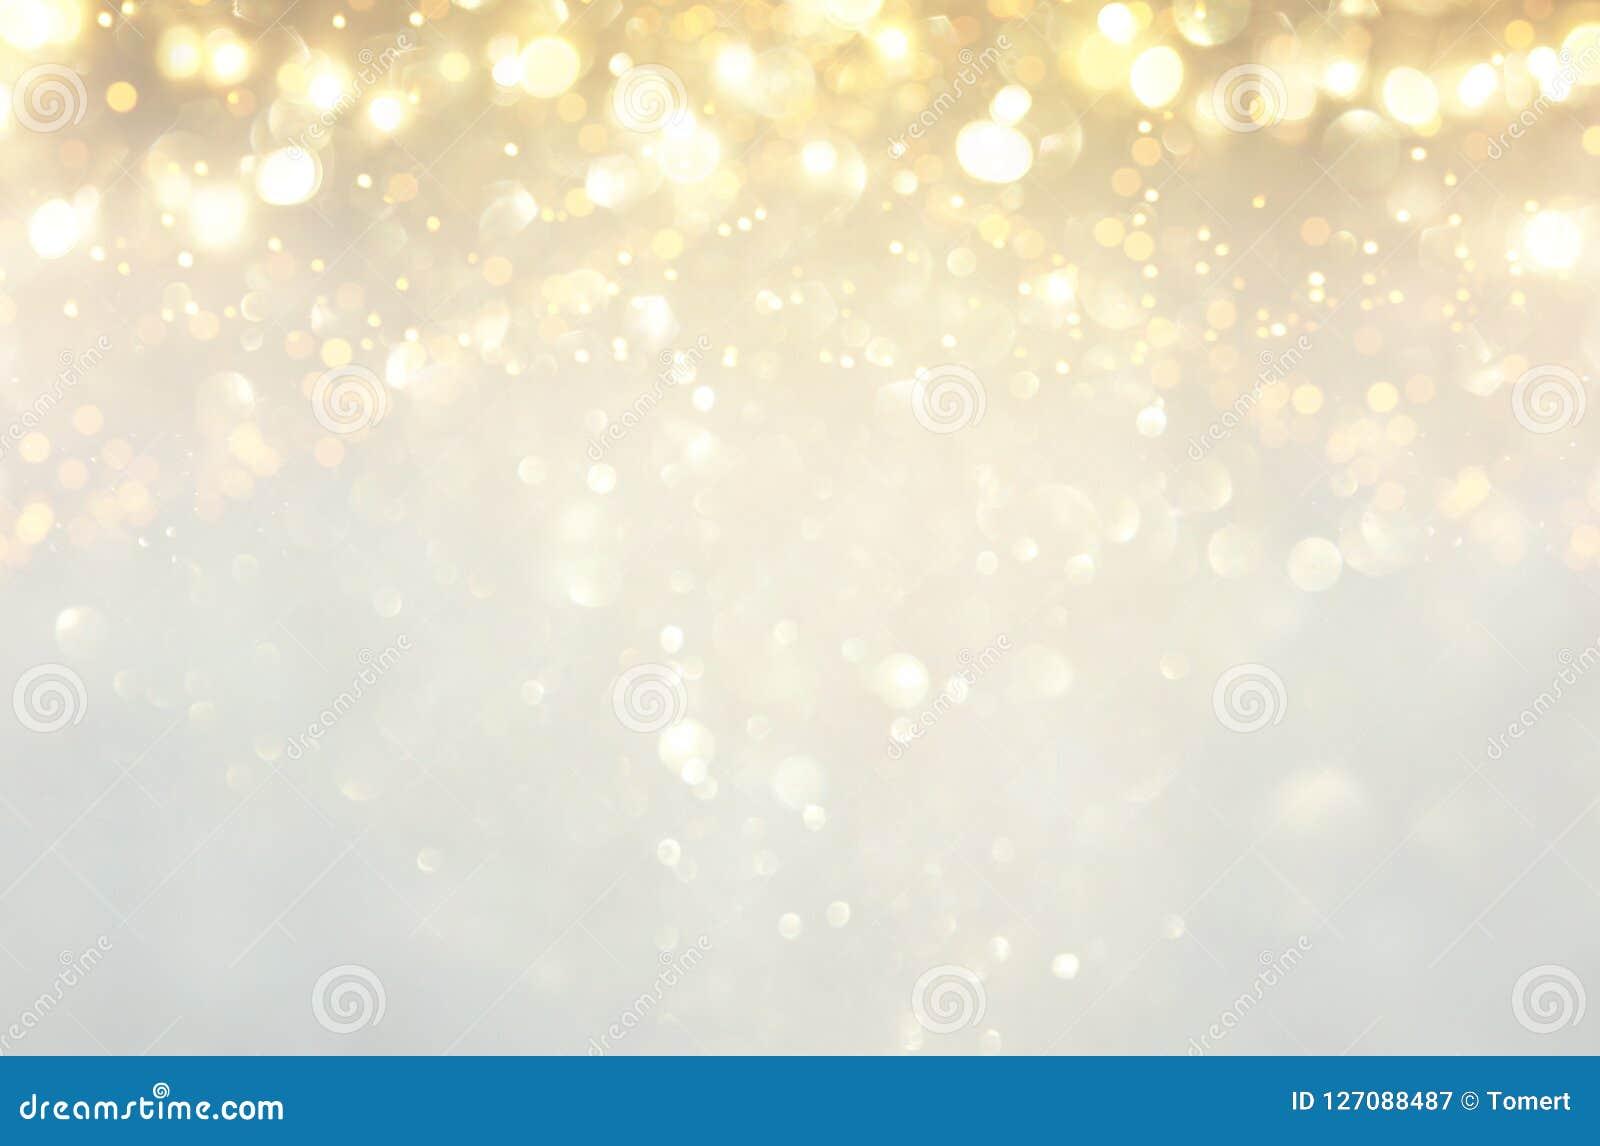 Funkelnweinlese beleuchtet Hintergrund Silber, Gold und Weiß de-fokussiert